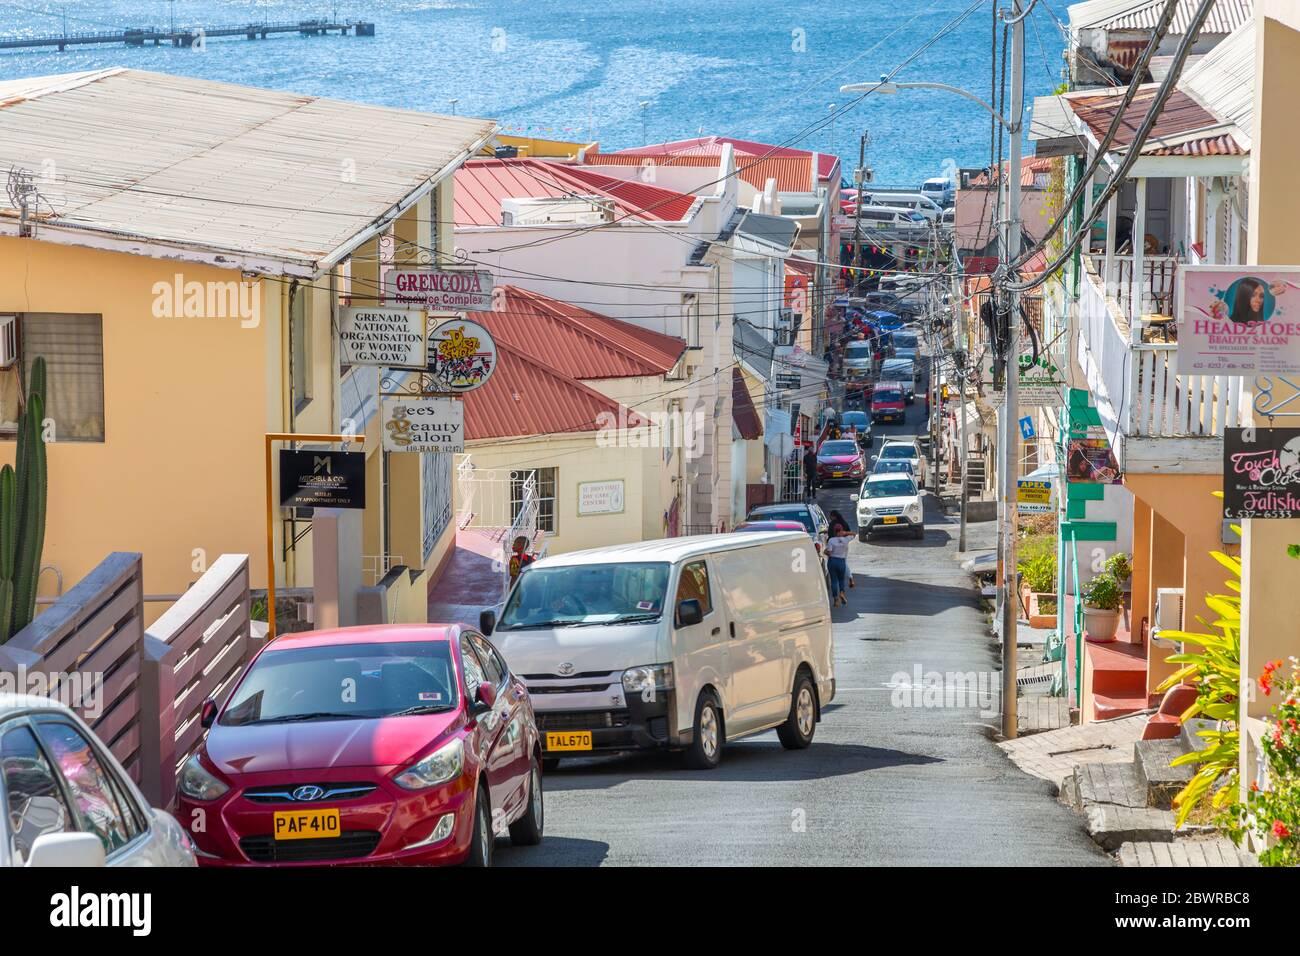 Vue sur la rue animée et la mer des Caraïbes, St George's, Grenade, les îles du vent, les Antilles, les Caraïbes, l'Amérique centrale Banque D'Images